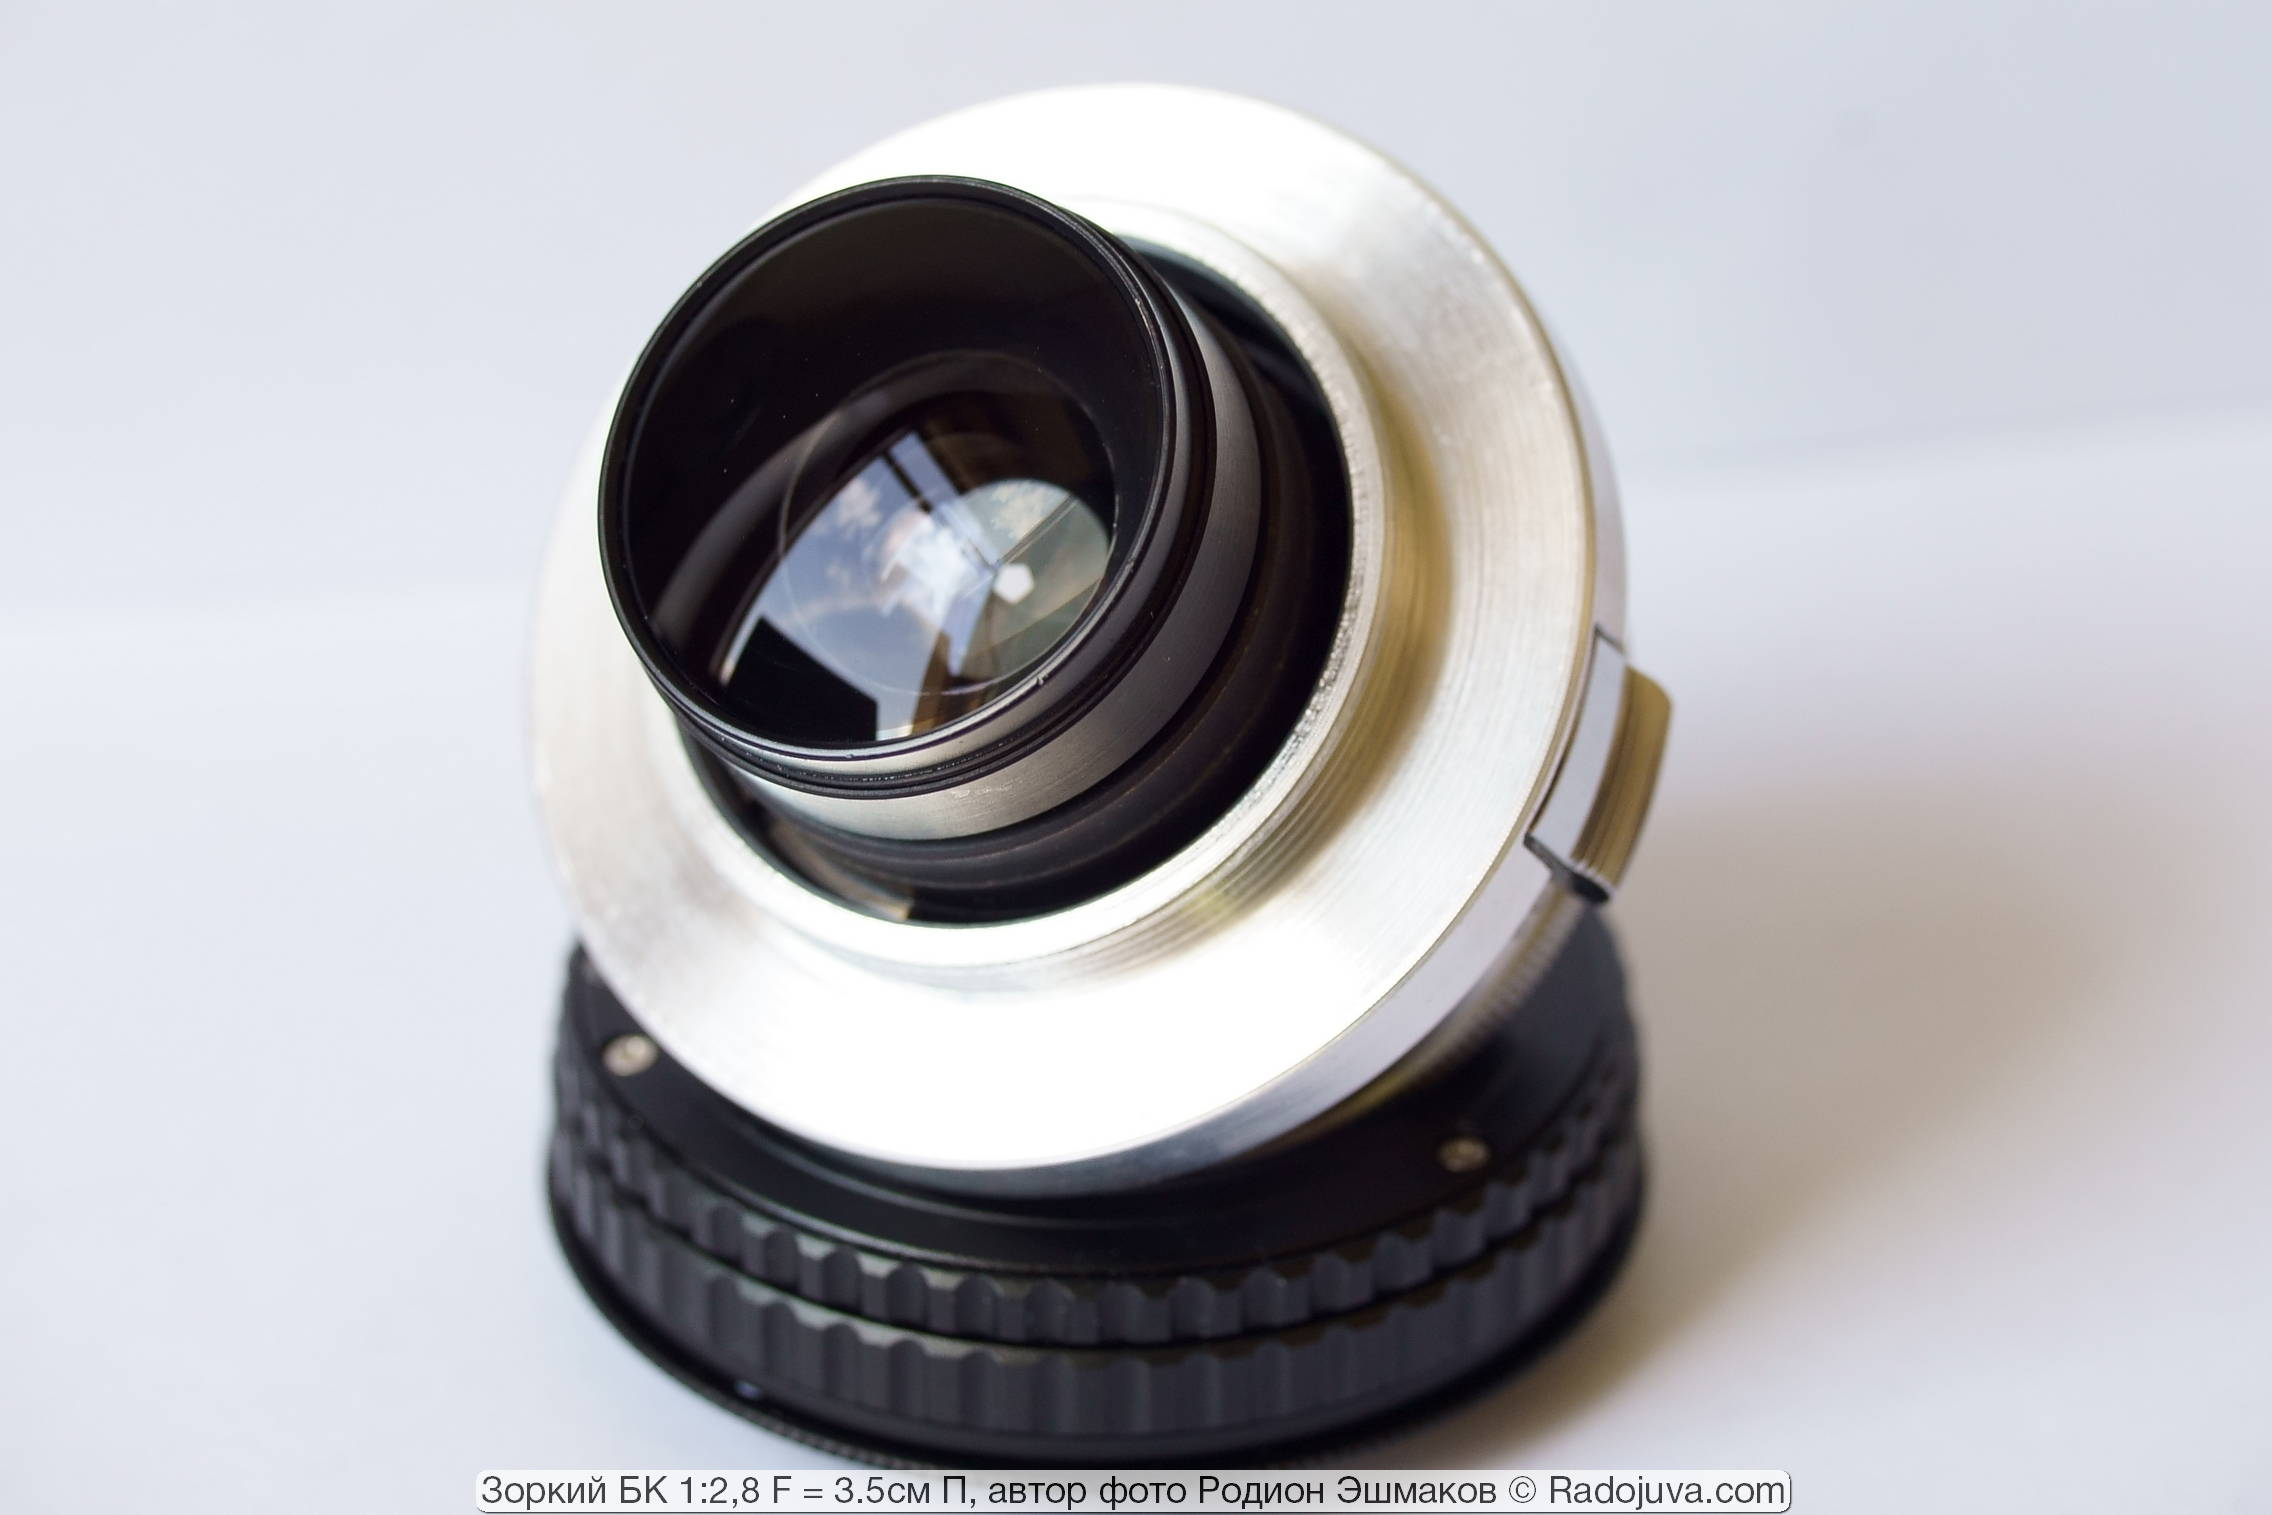 Задняя линза объектива совершенно беззащитна, а ее повреждение является крайне критичным для изображения из-за близости к матрице: видно будет каждую царапину.